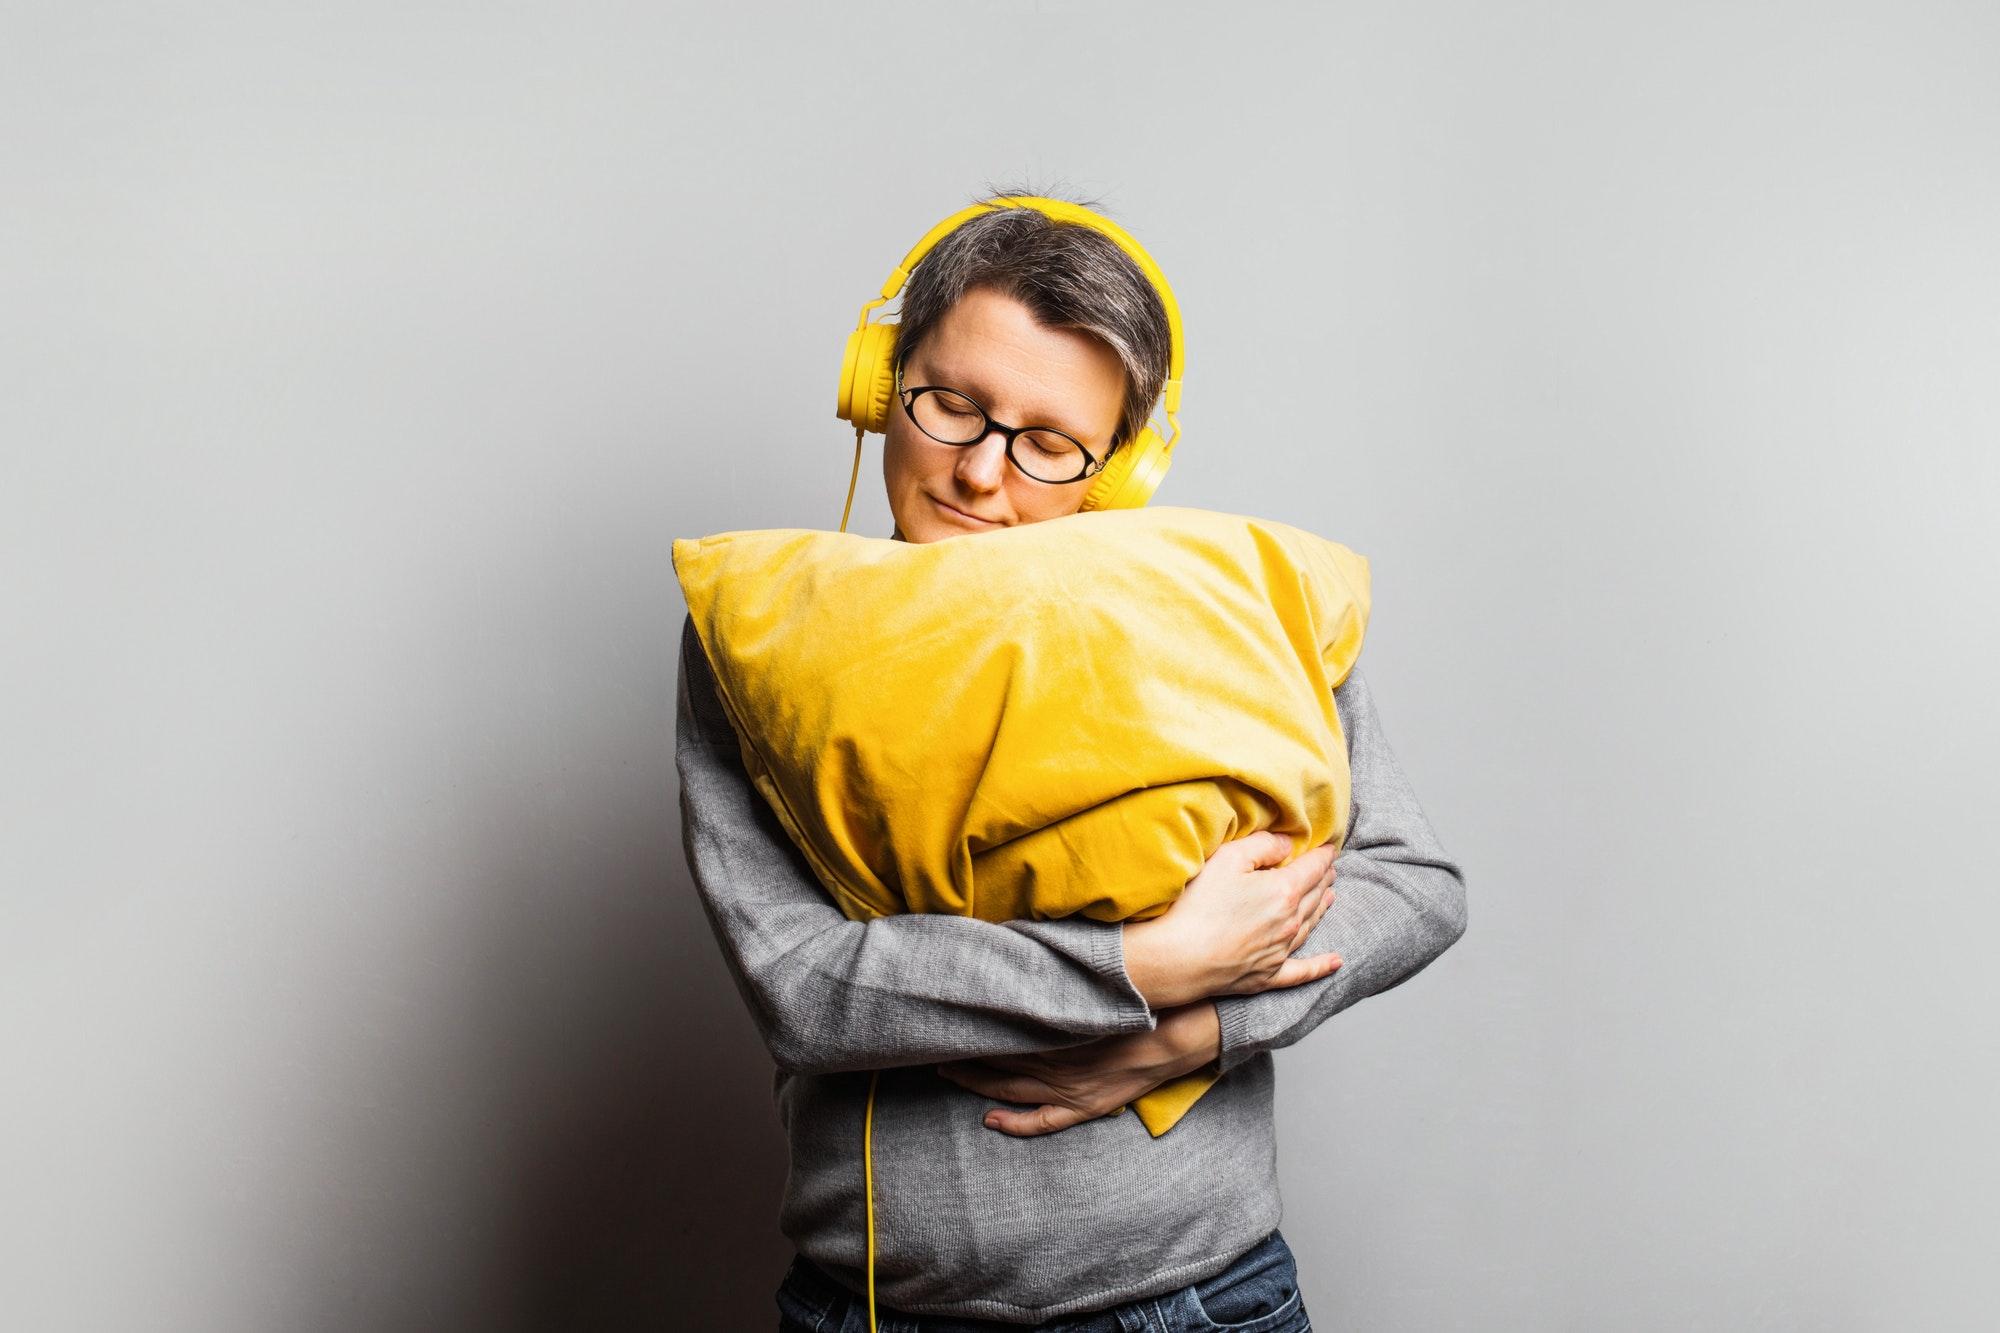 Woman in yellow headphones